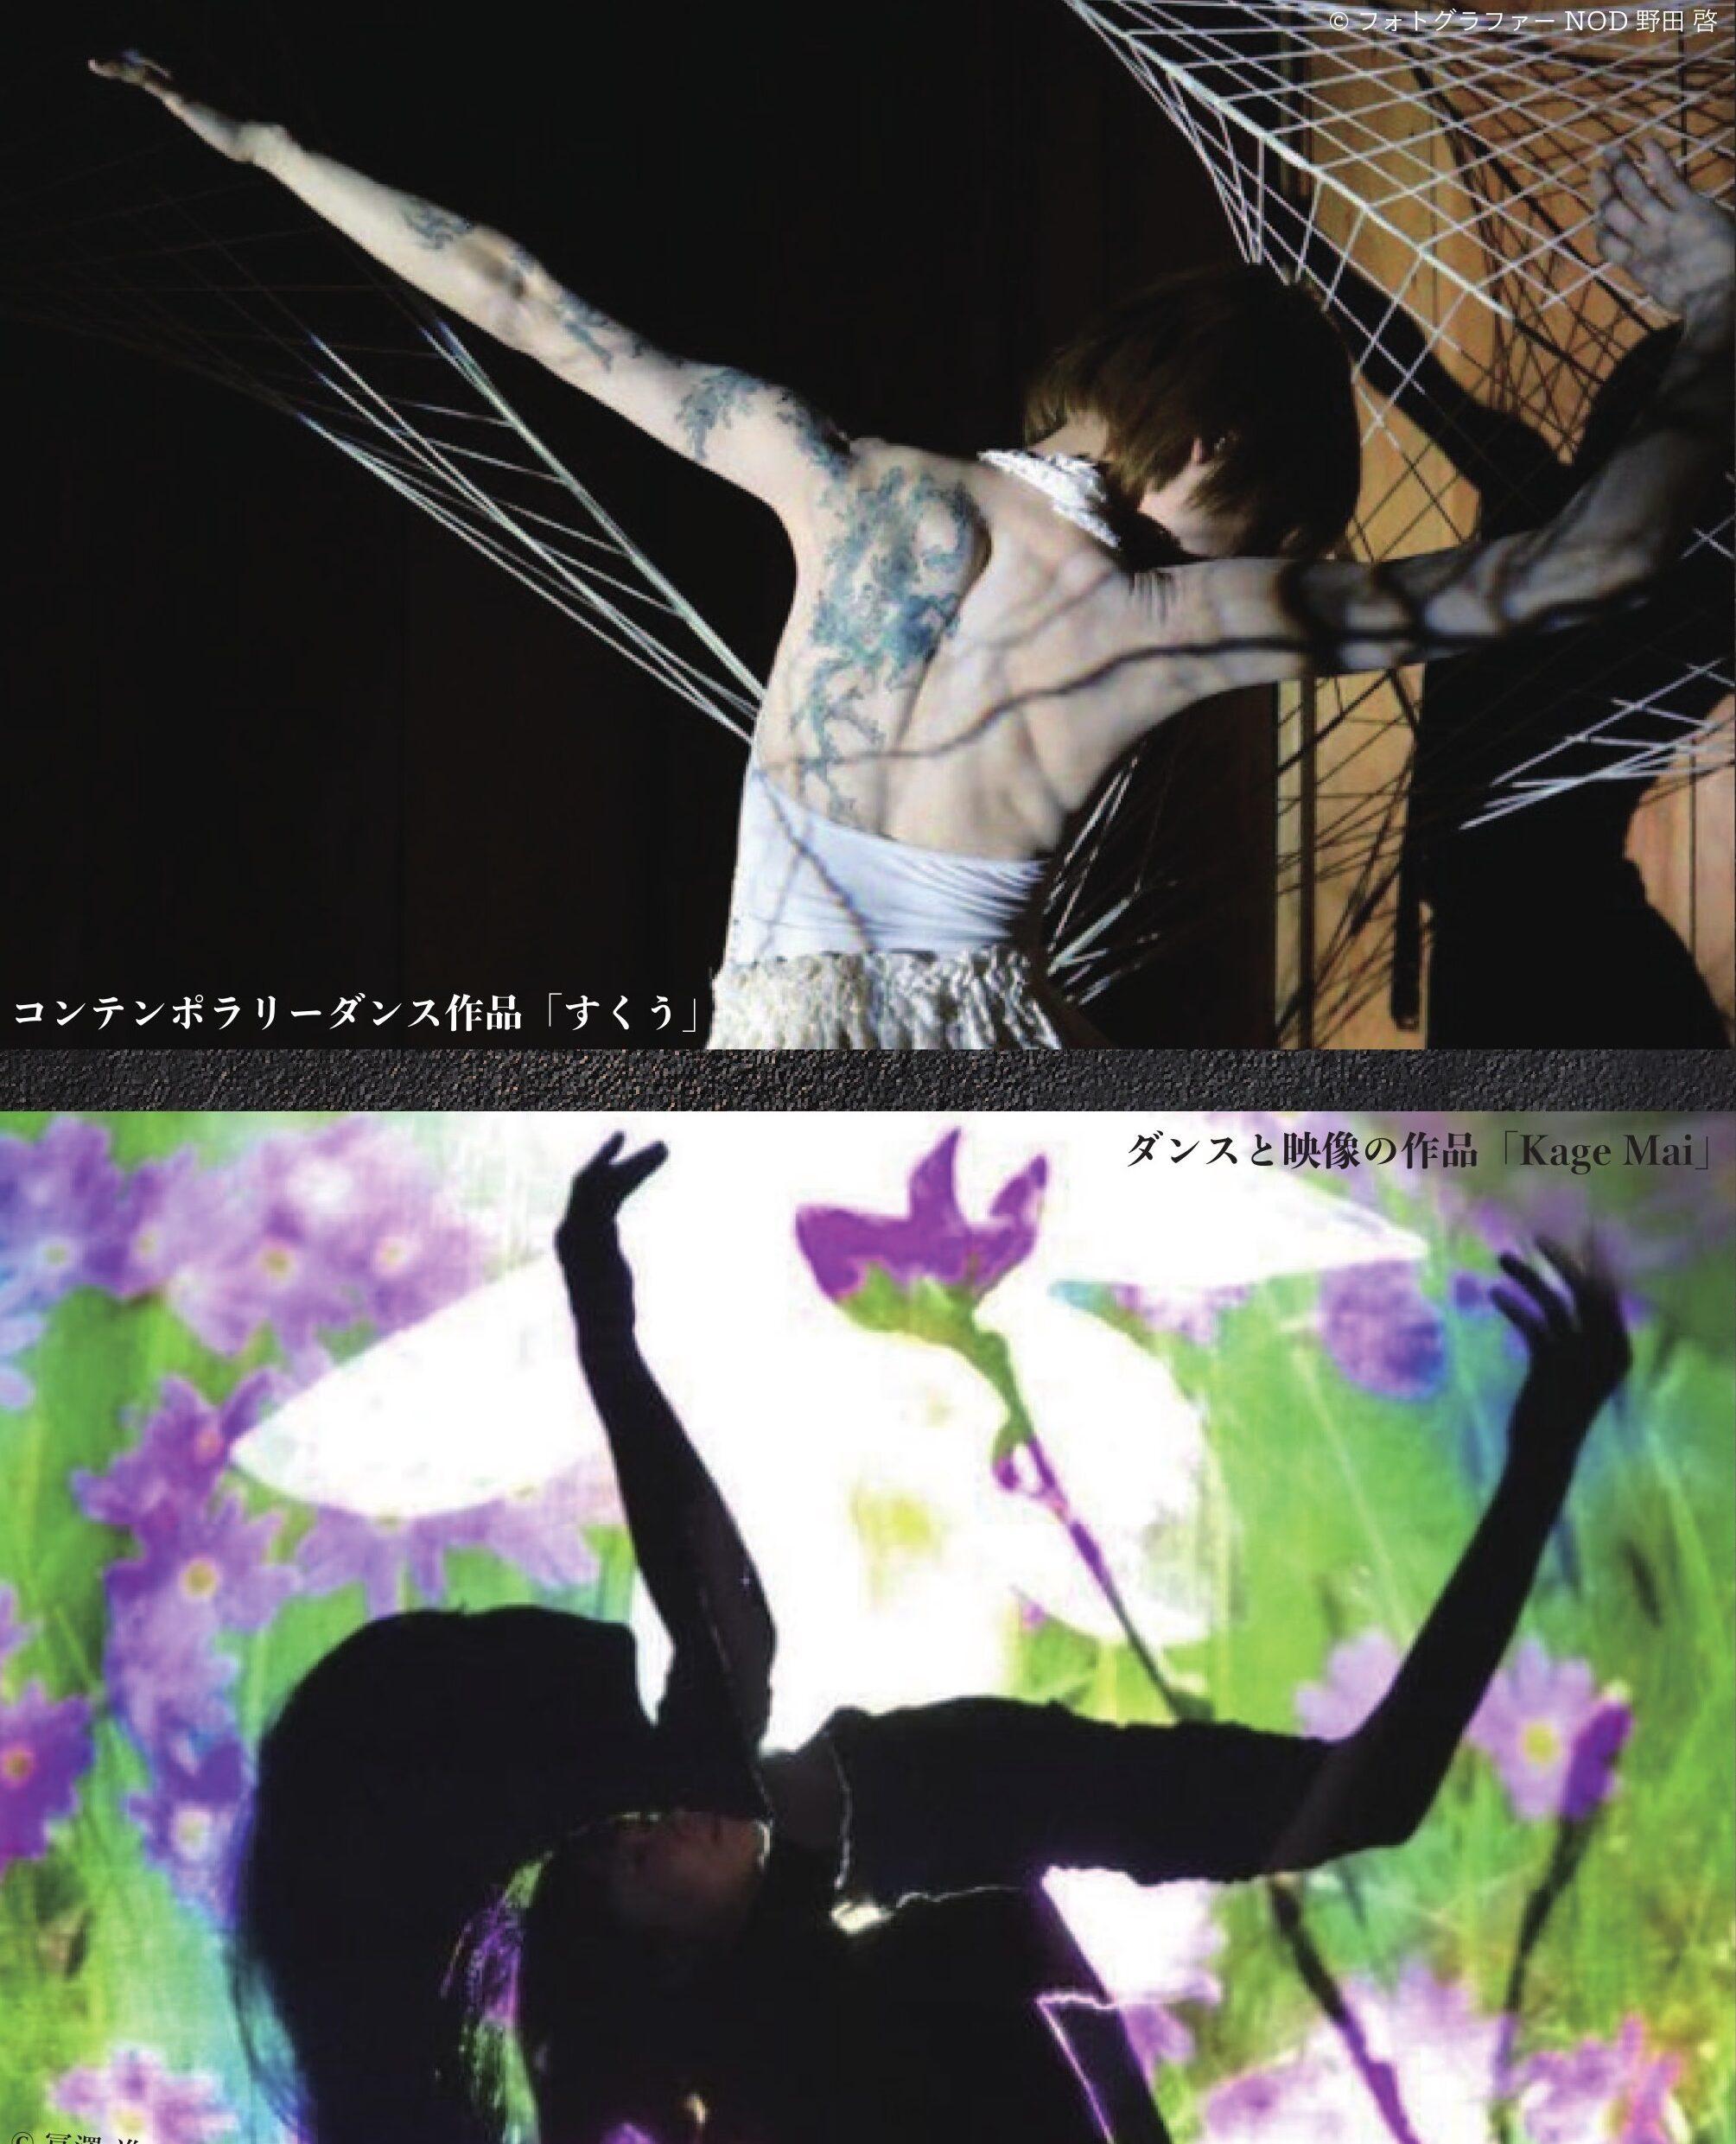 国内外で評価を受けるダンサー・宝栄美希の、踊りと映像がコラボした話題のパフォーマンスアート。